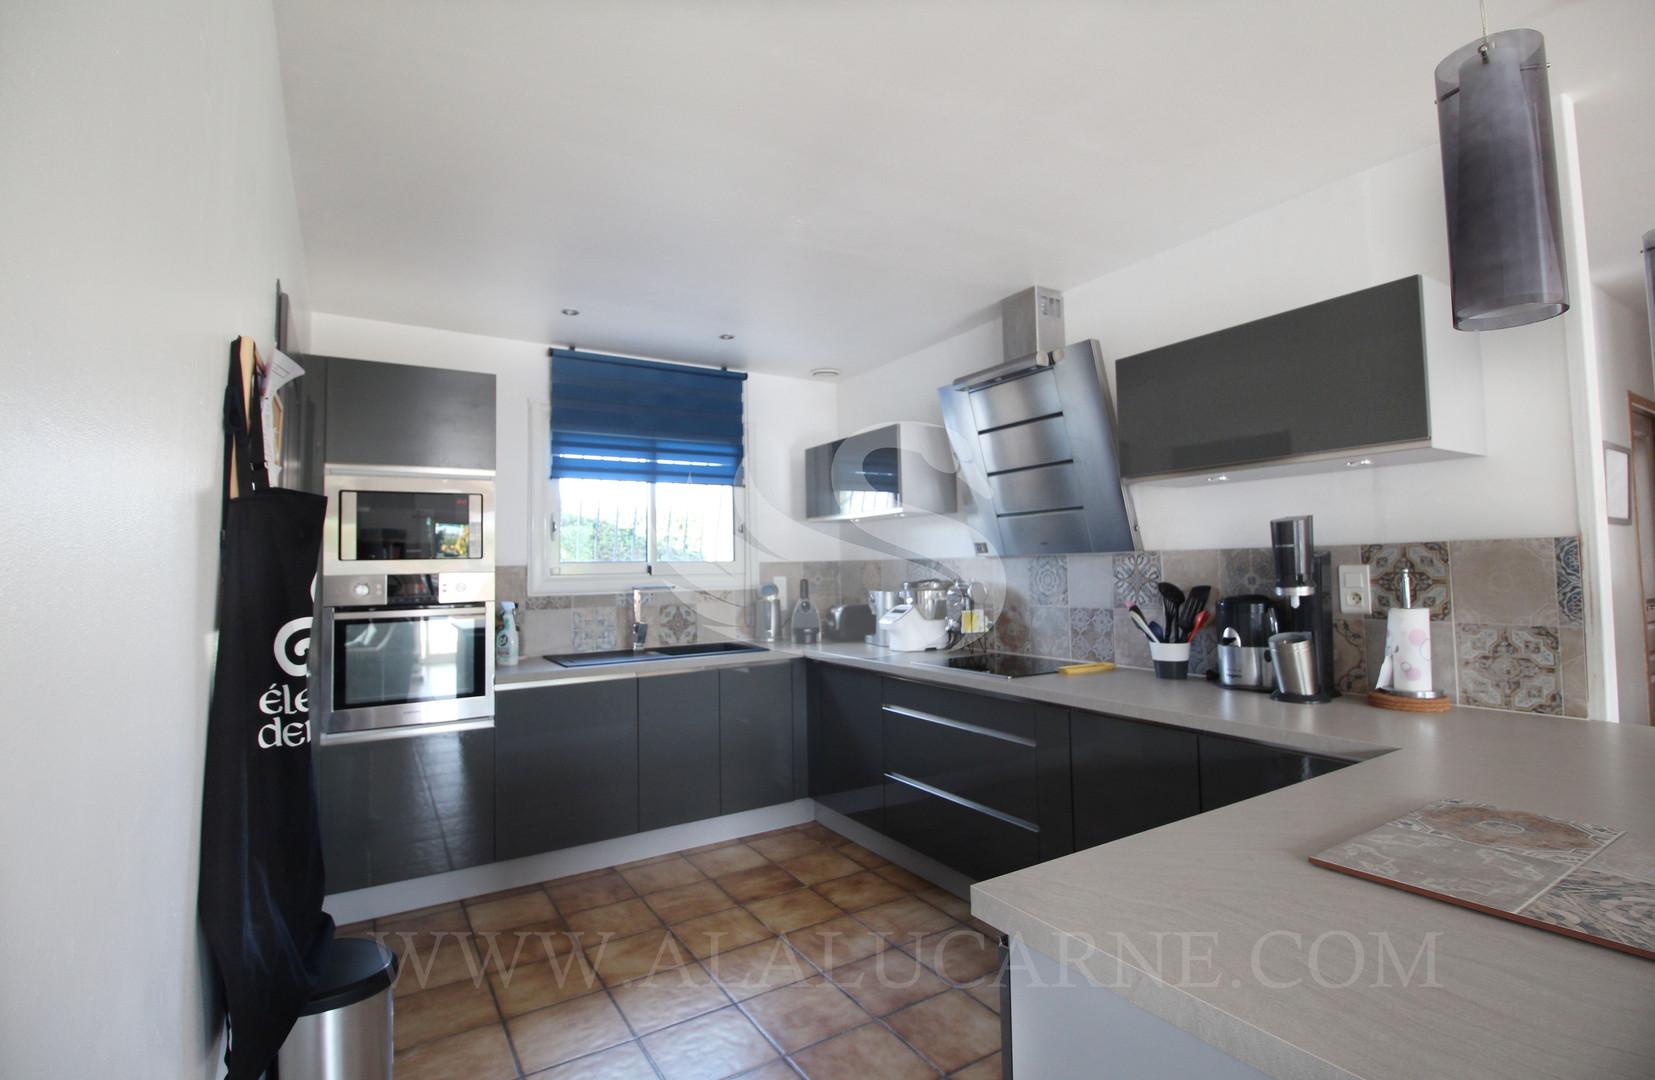 A_vendre_maison_avec_cuisine_ouverte_sur